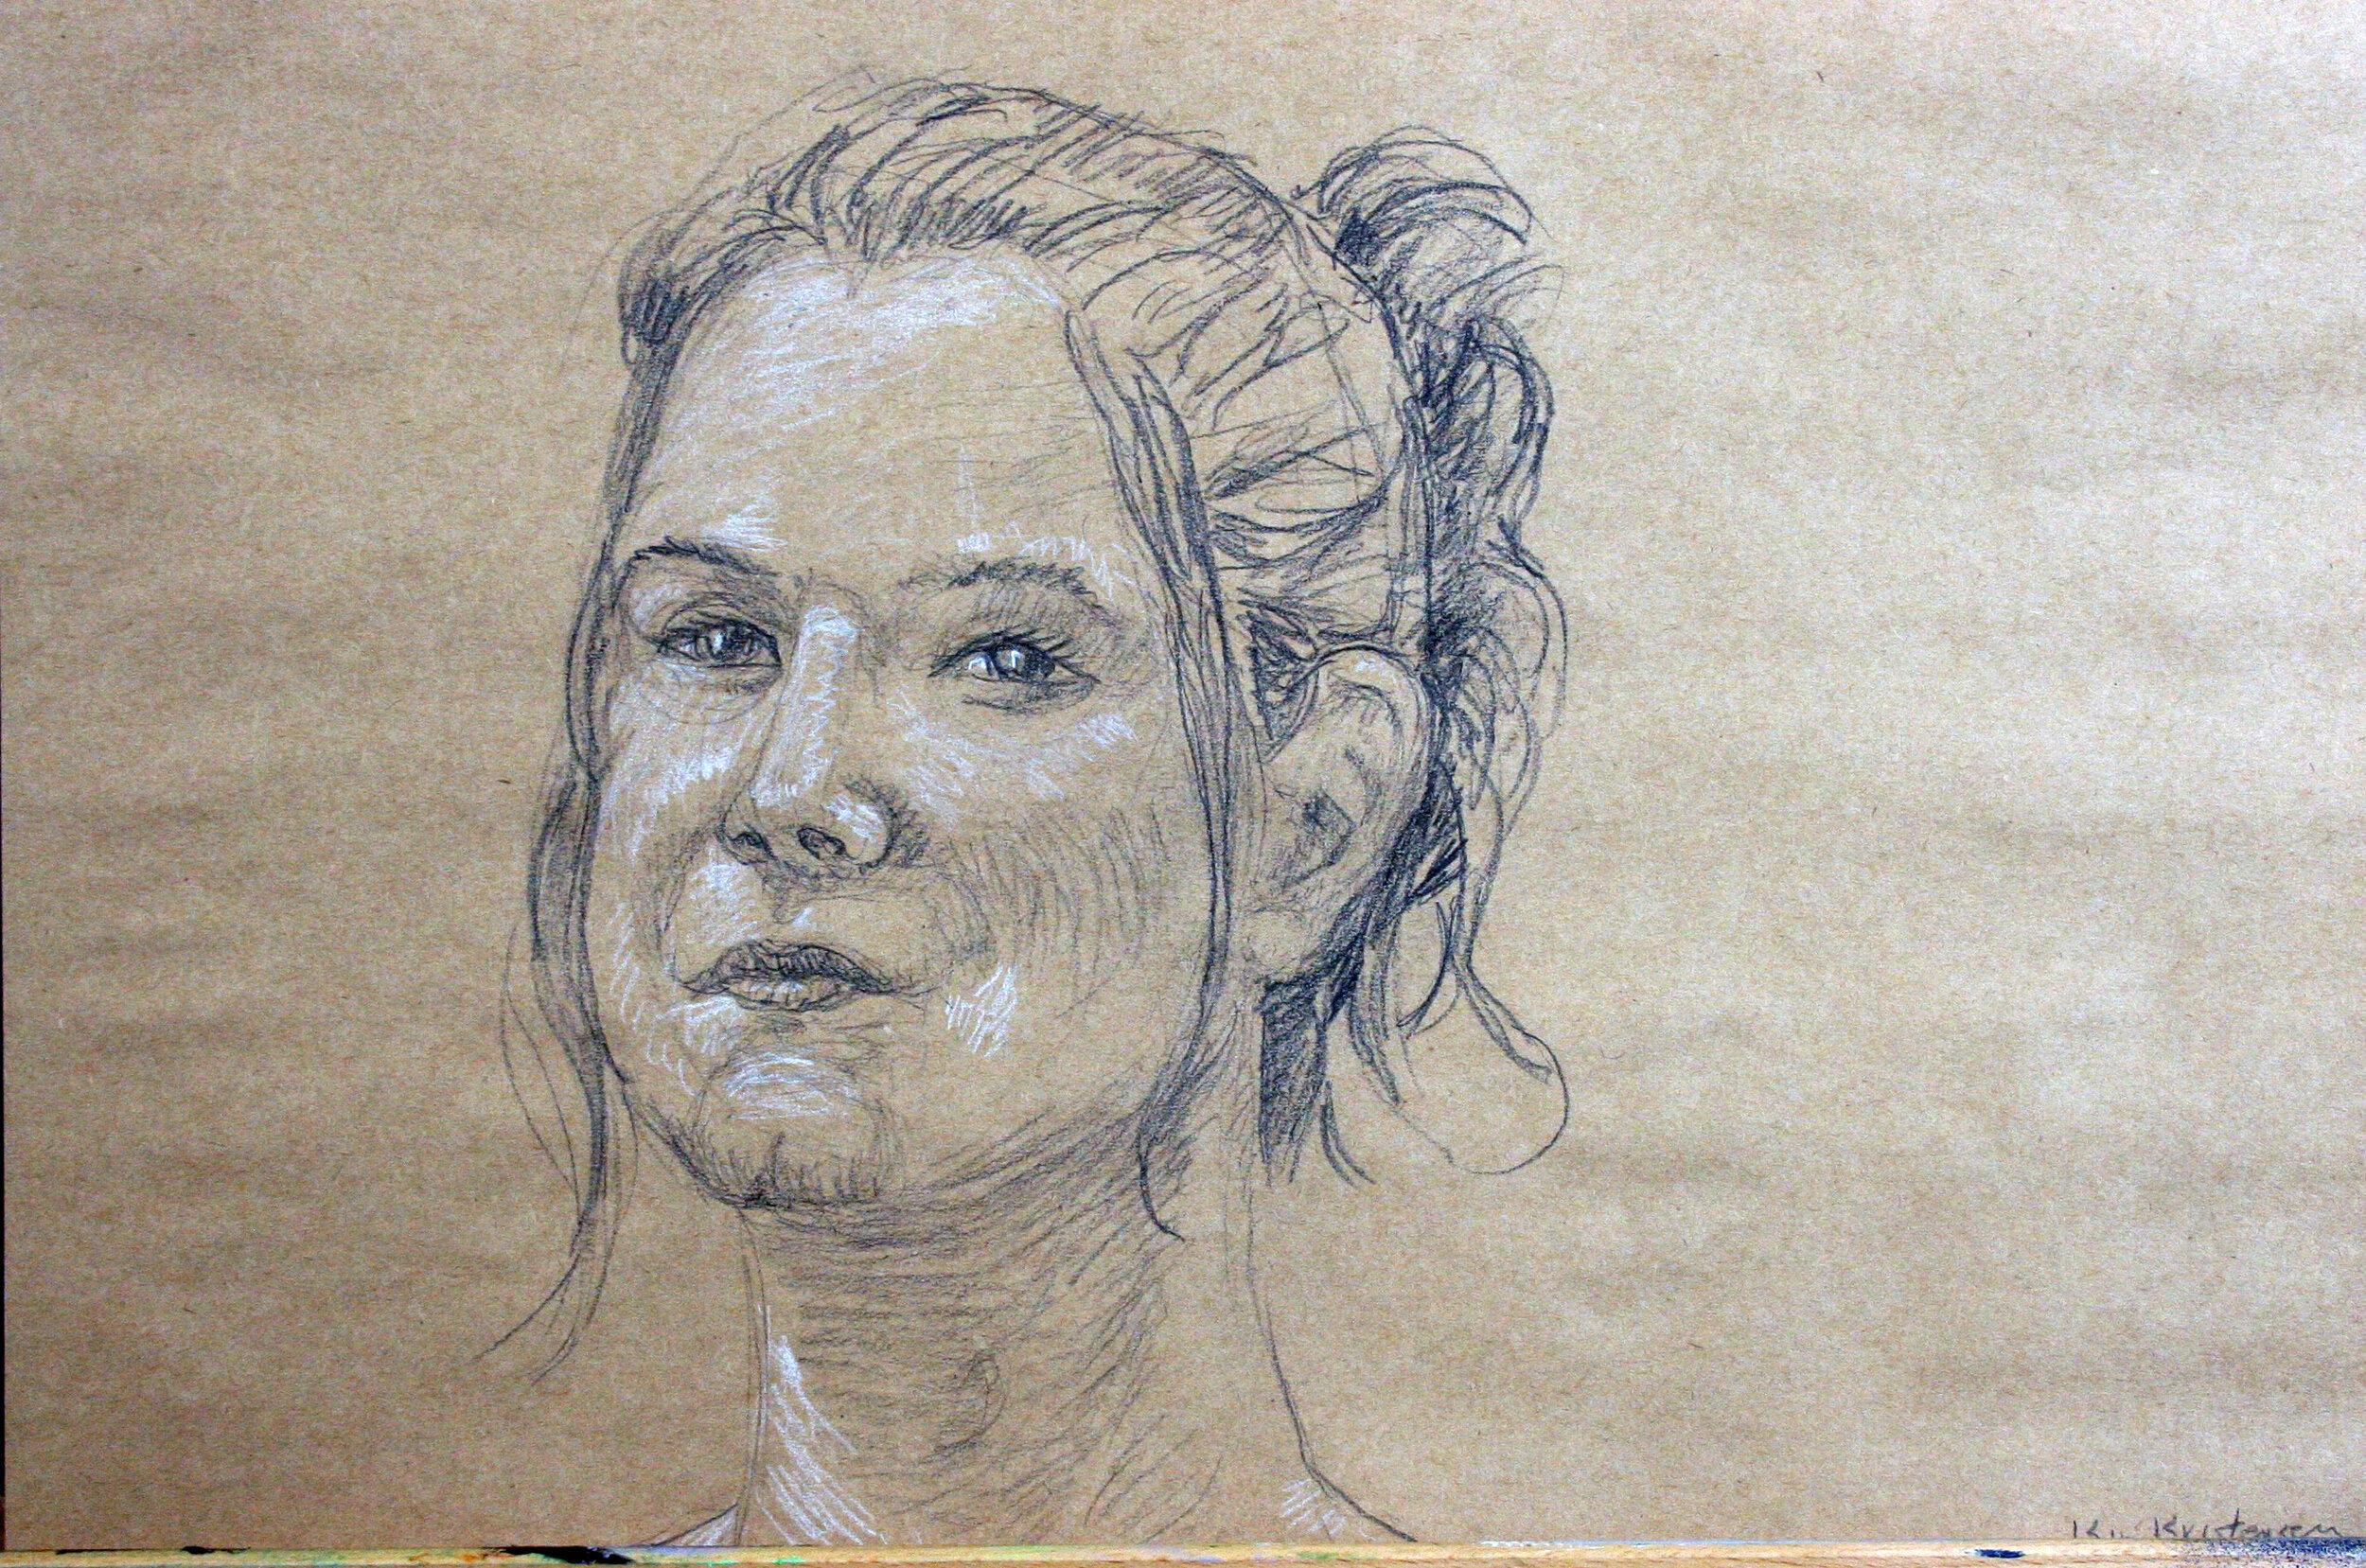 Kim Kristensen - Pencils